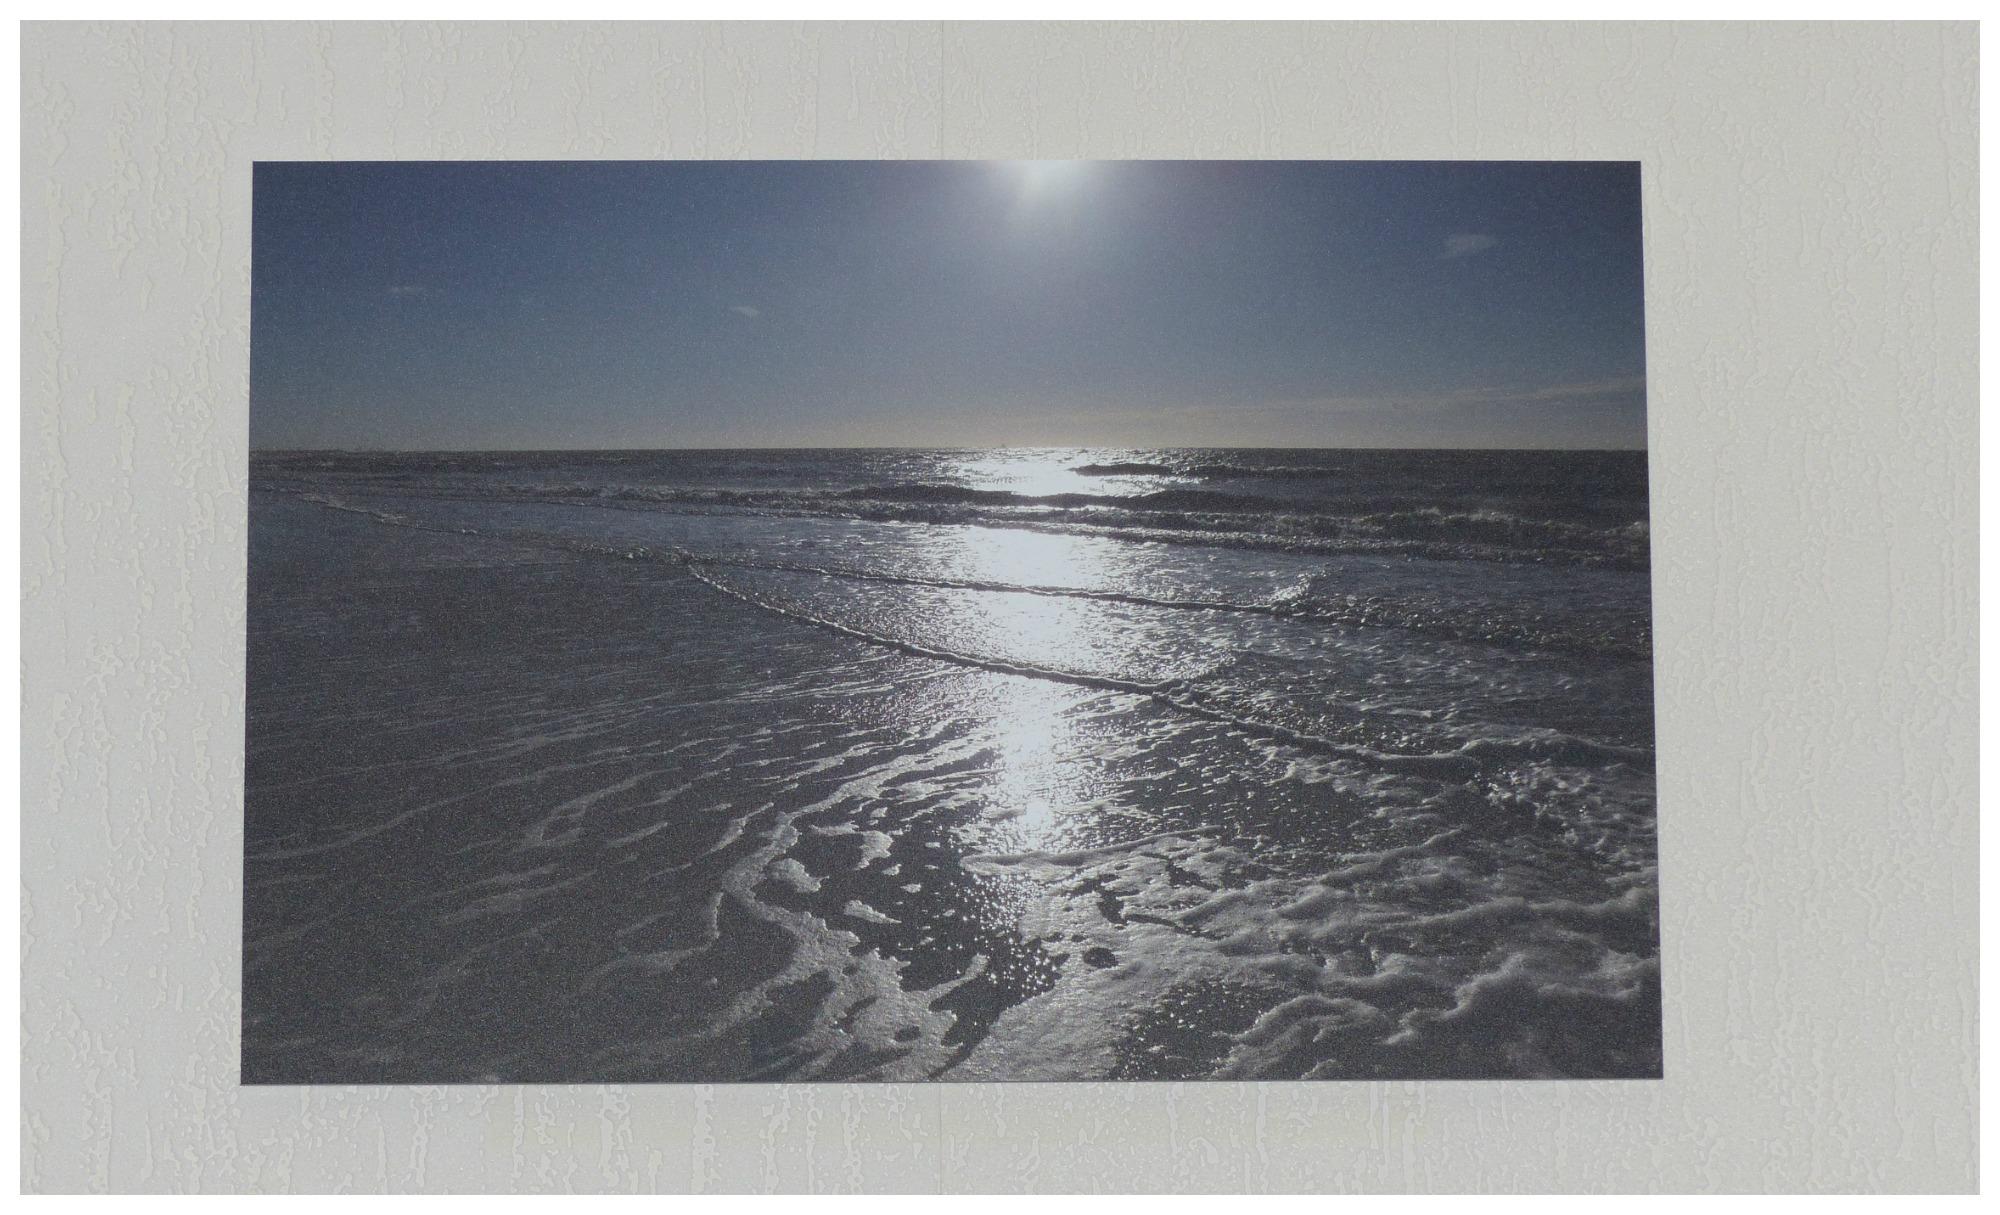 wanddecoratie van saal digital nederland recensie